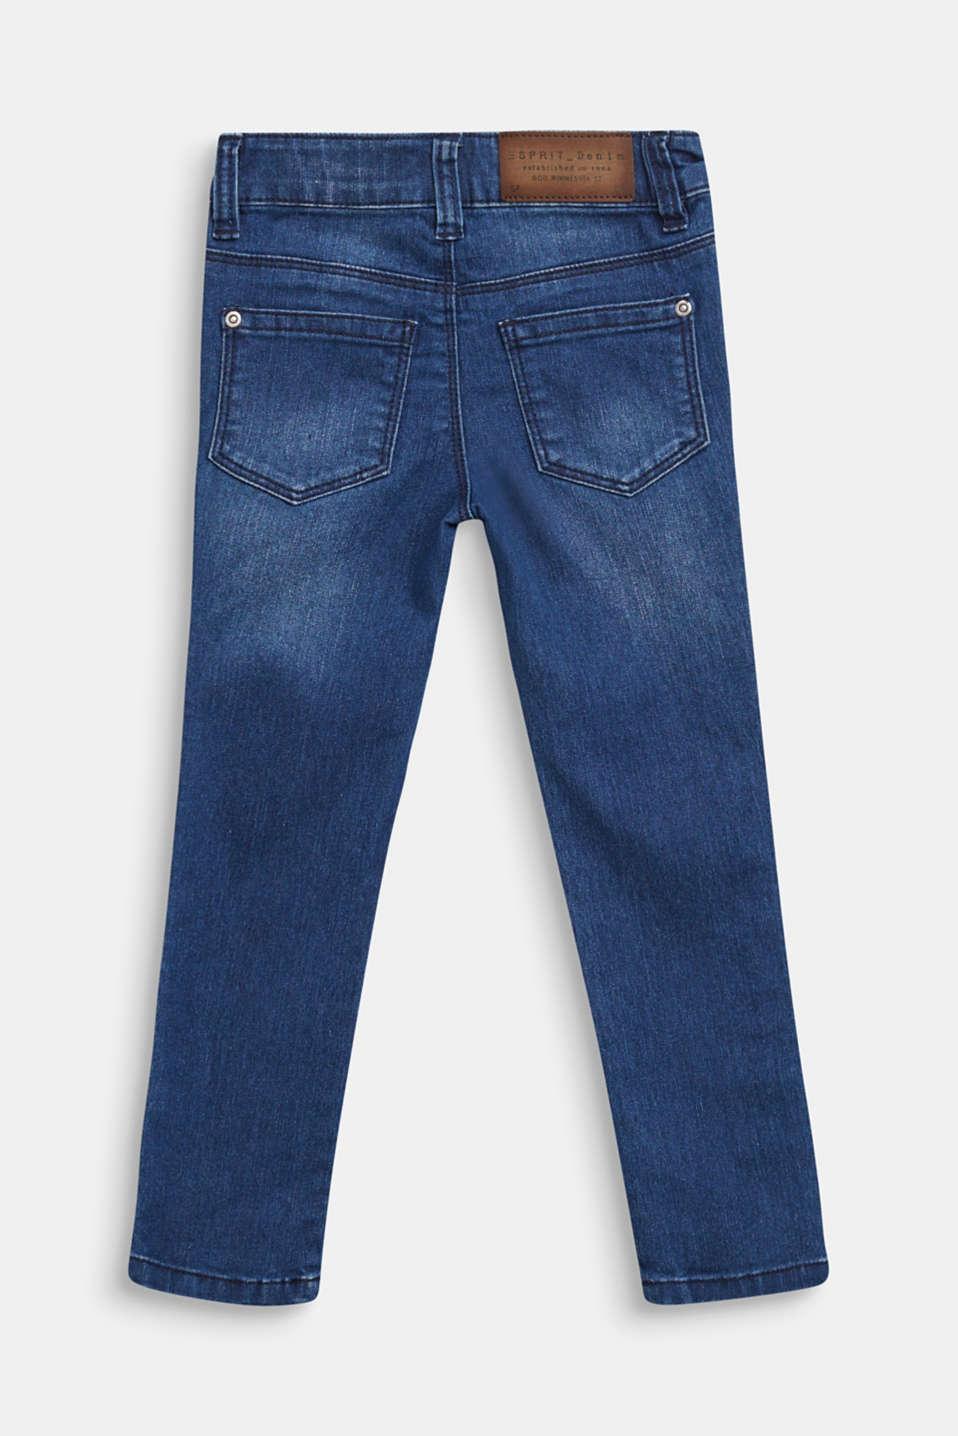 Jeans with glittering side stripes, DARK INDIGO DE, detail image number 1